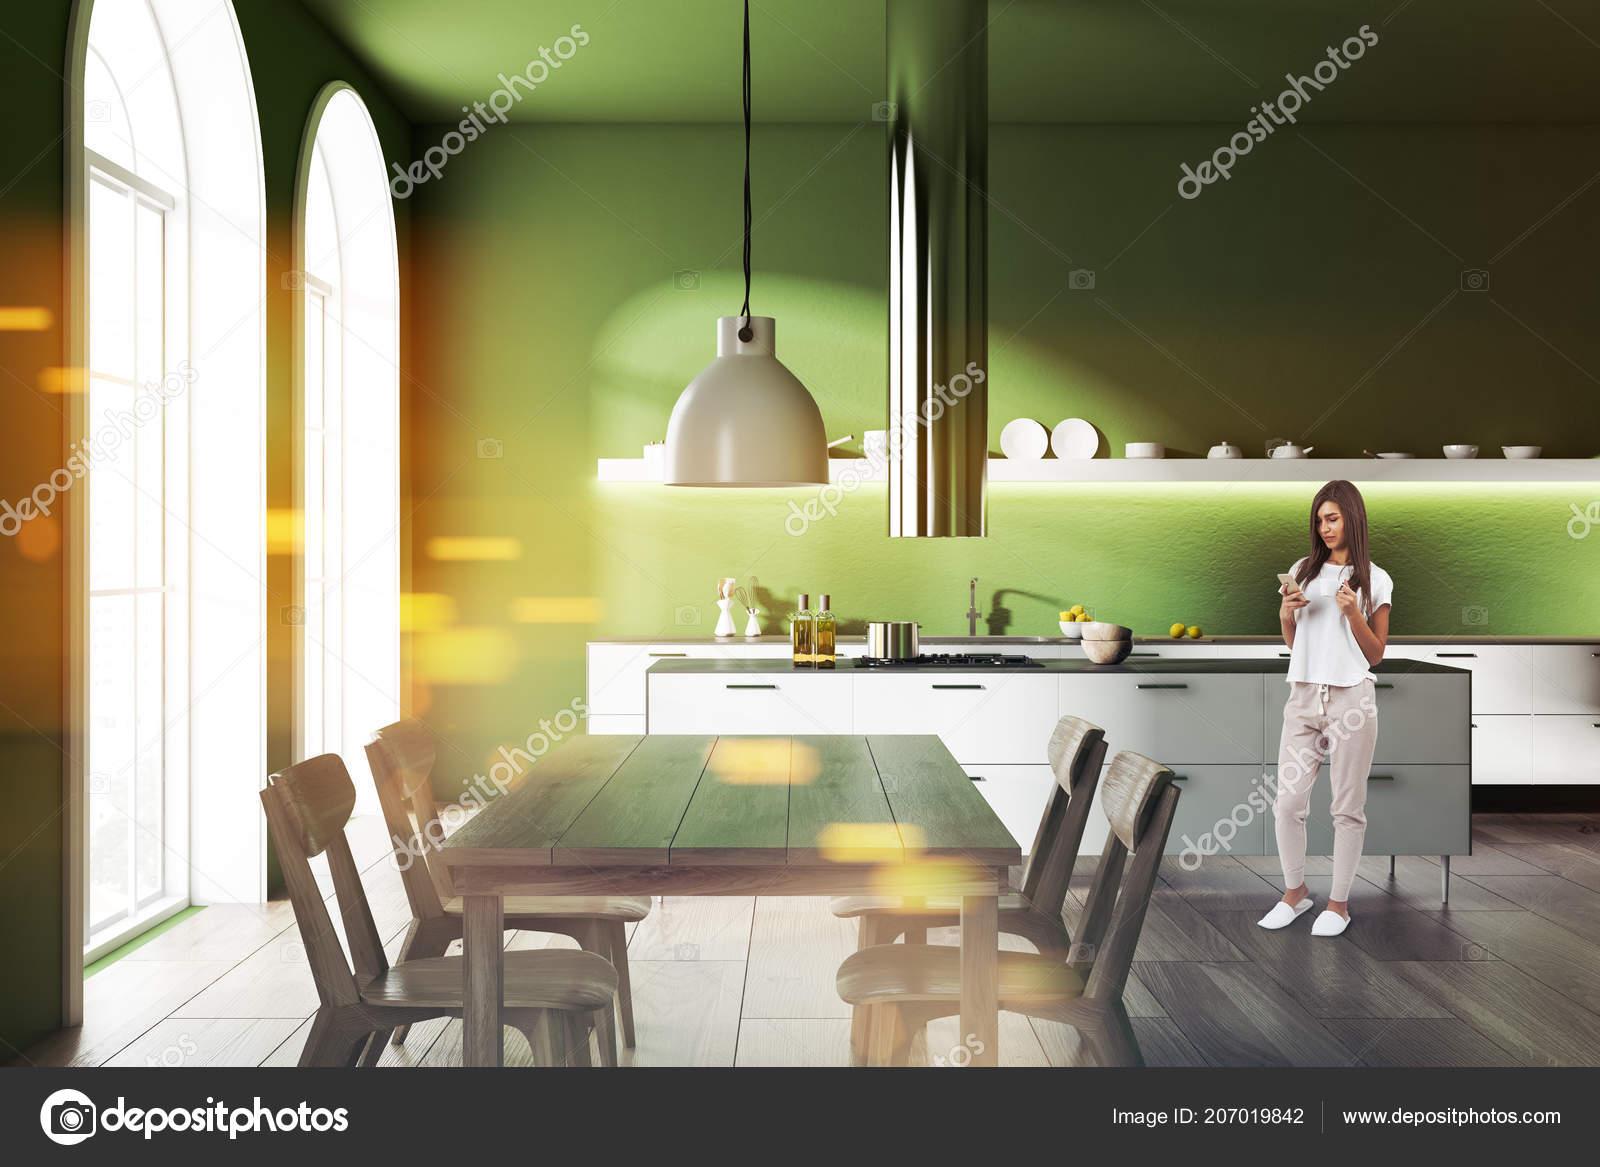 Pareti Della Cucina Verdi : Donna interiore moderno della cucina con pareti verdi pavimento